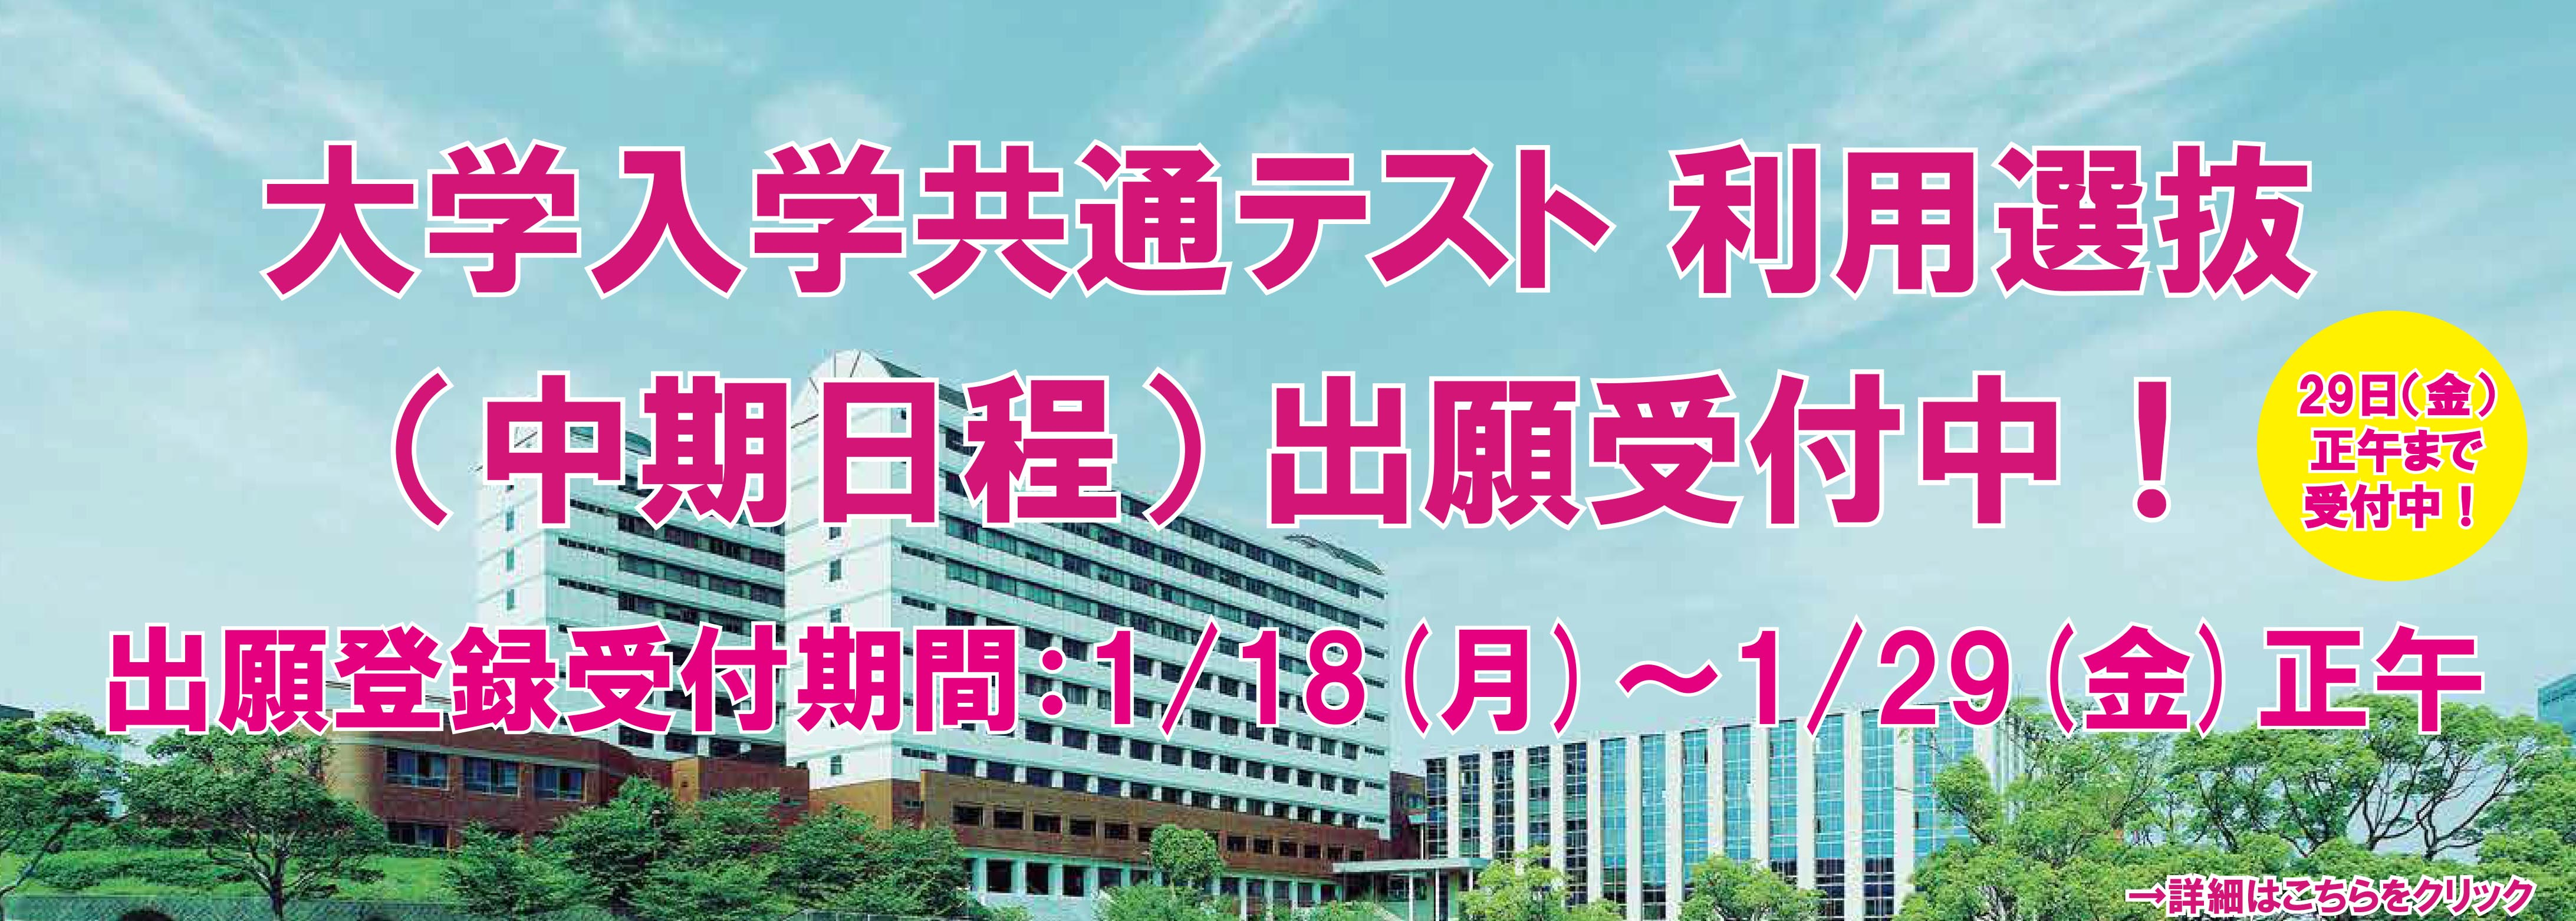 大学入学共通テスト利用選抜(中期日程)出願受付中!